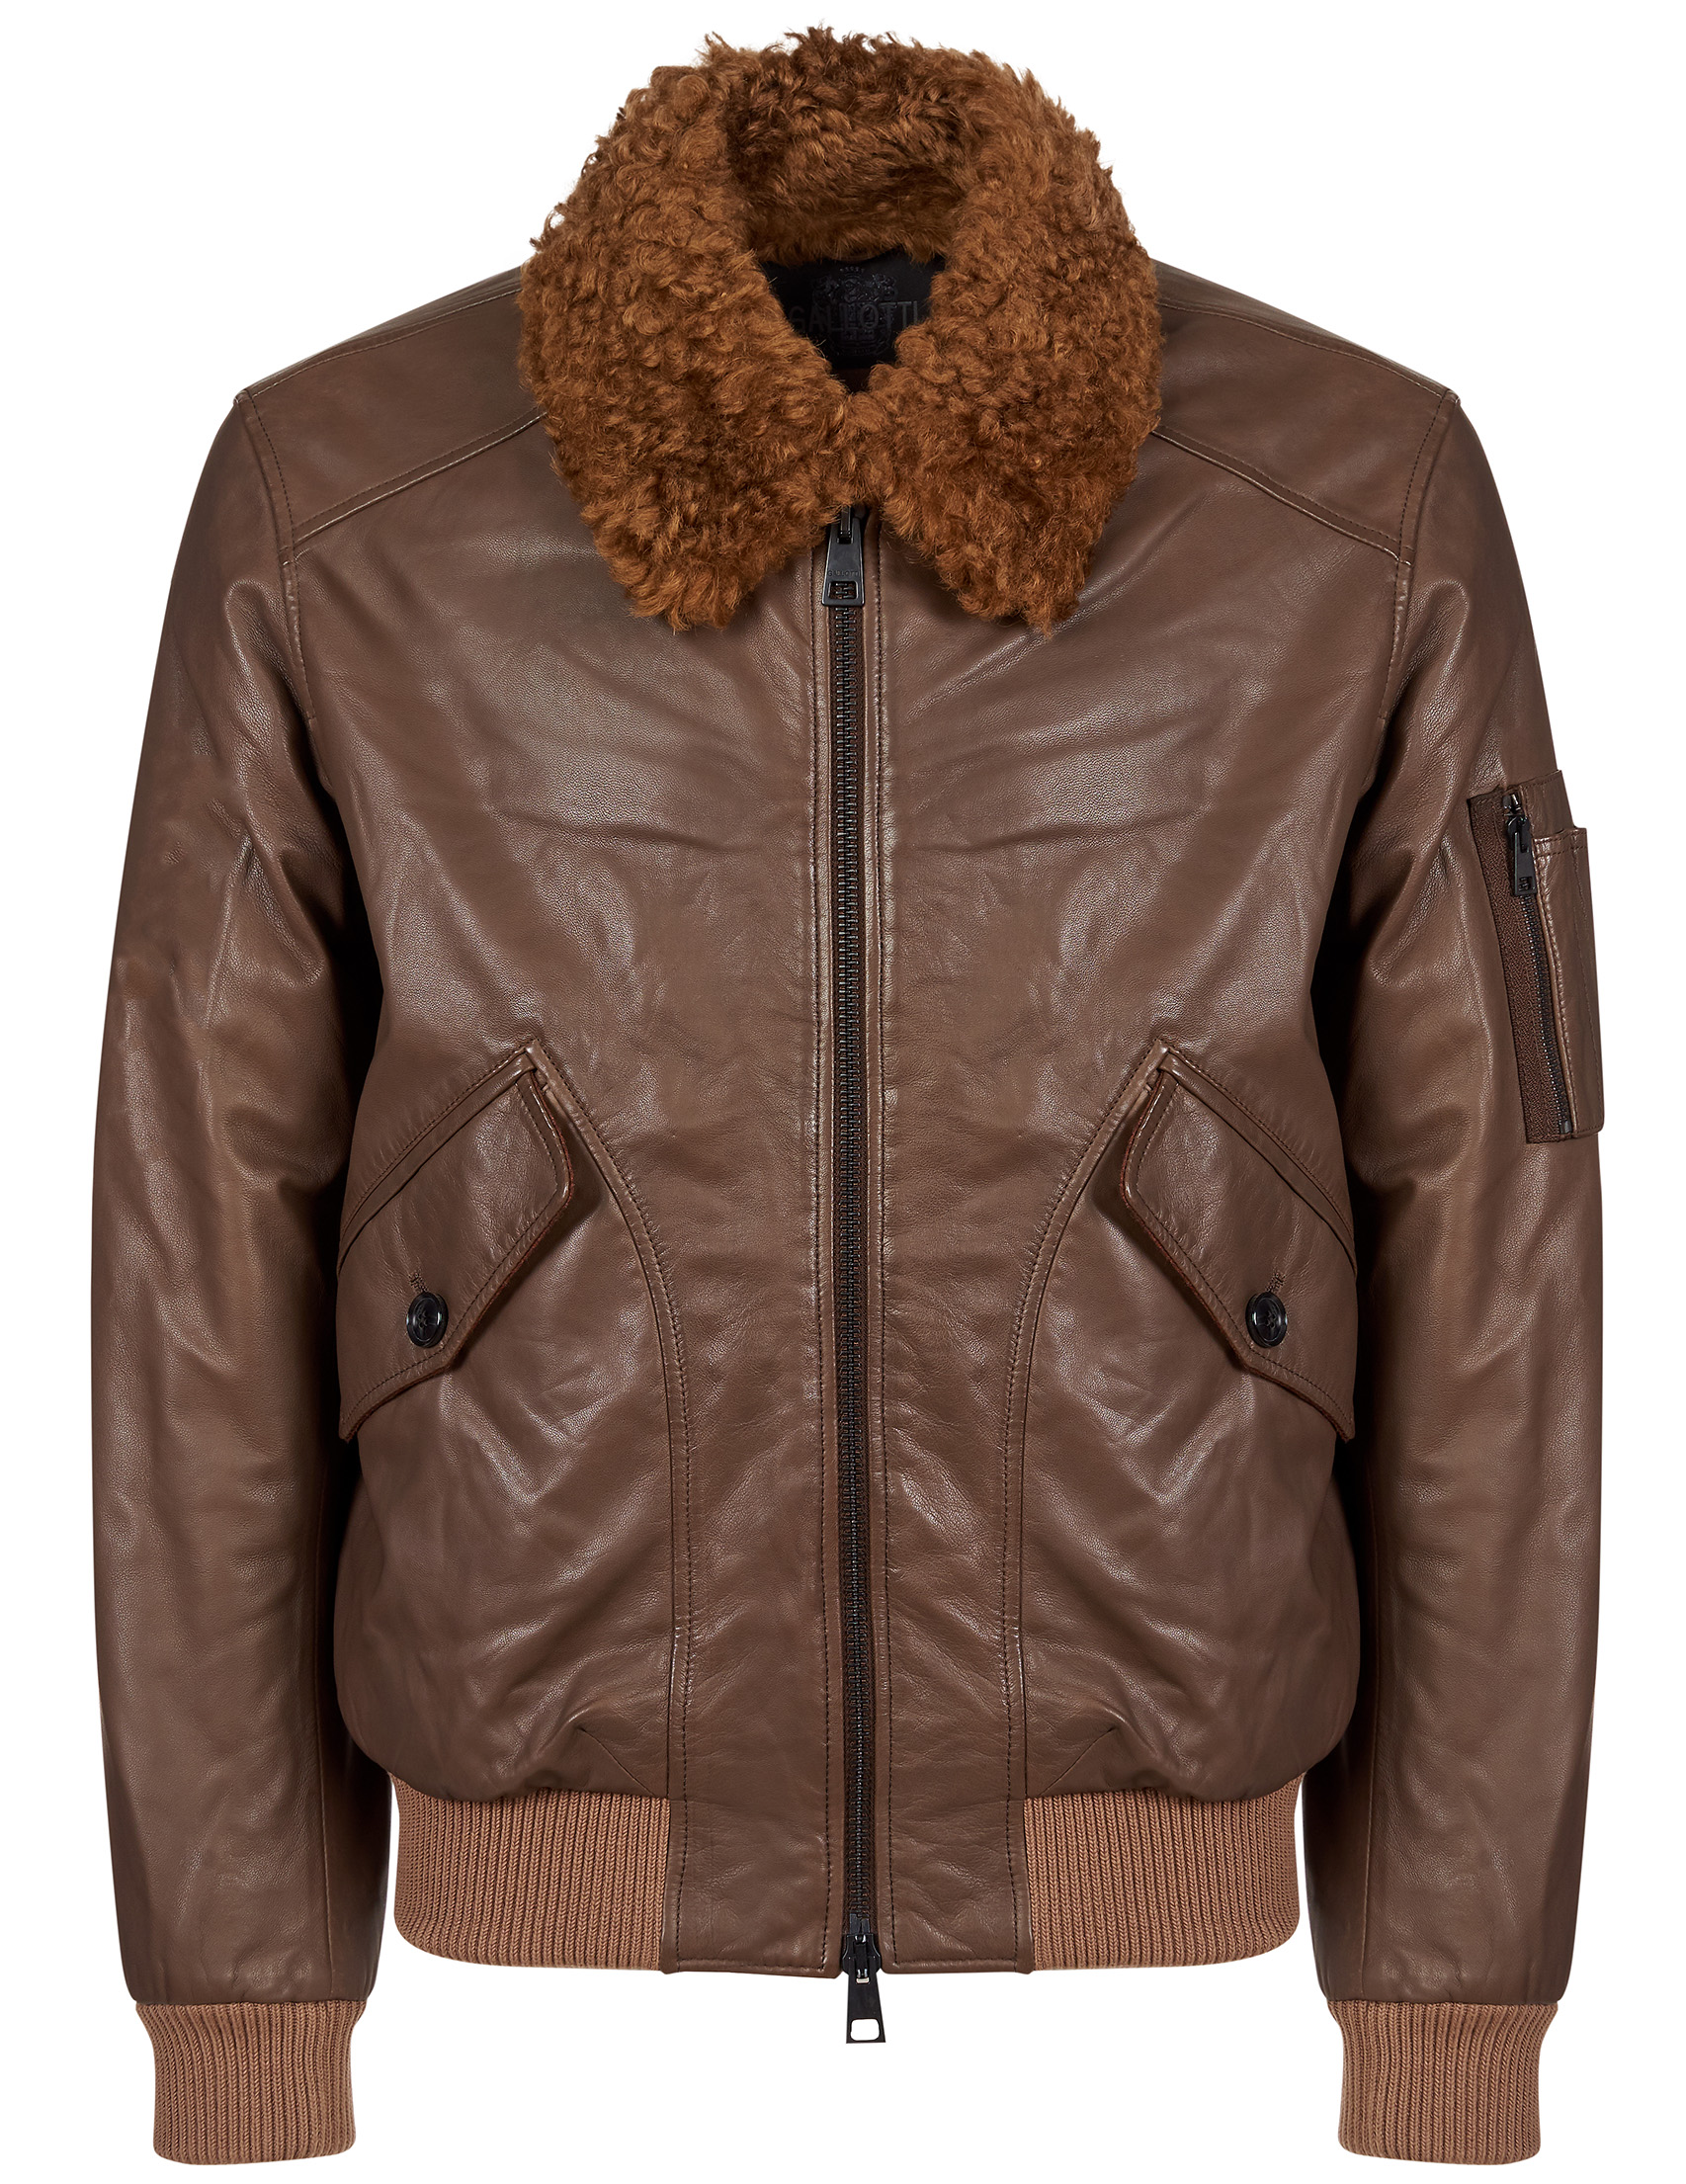 Купить Куртки, Куртка, GALLOTTI, Коричневый, 100%Кожа;100%Полиэстер;70%Шерсть 30%Полиамид, Осень-Зима